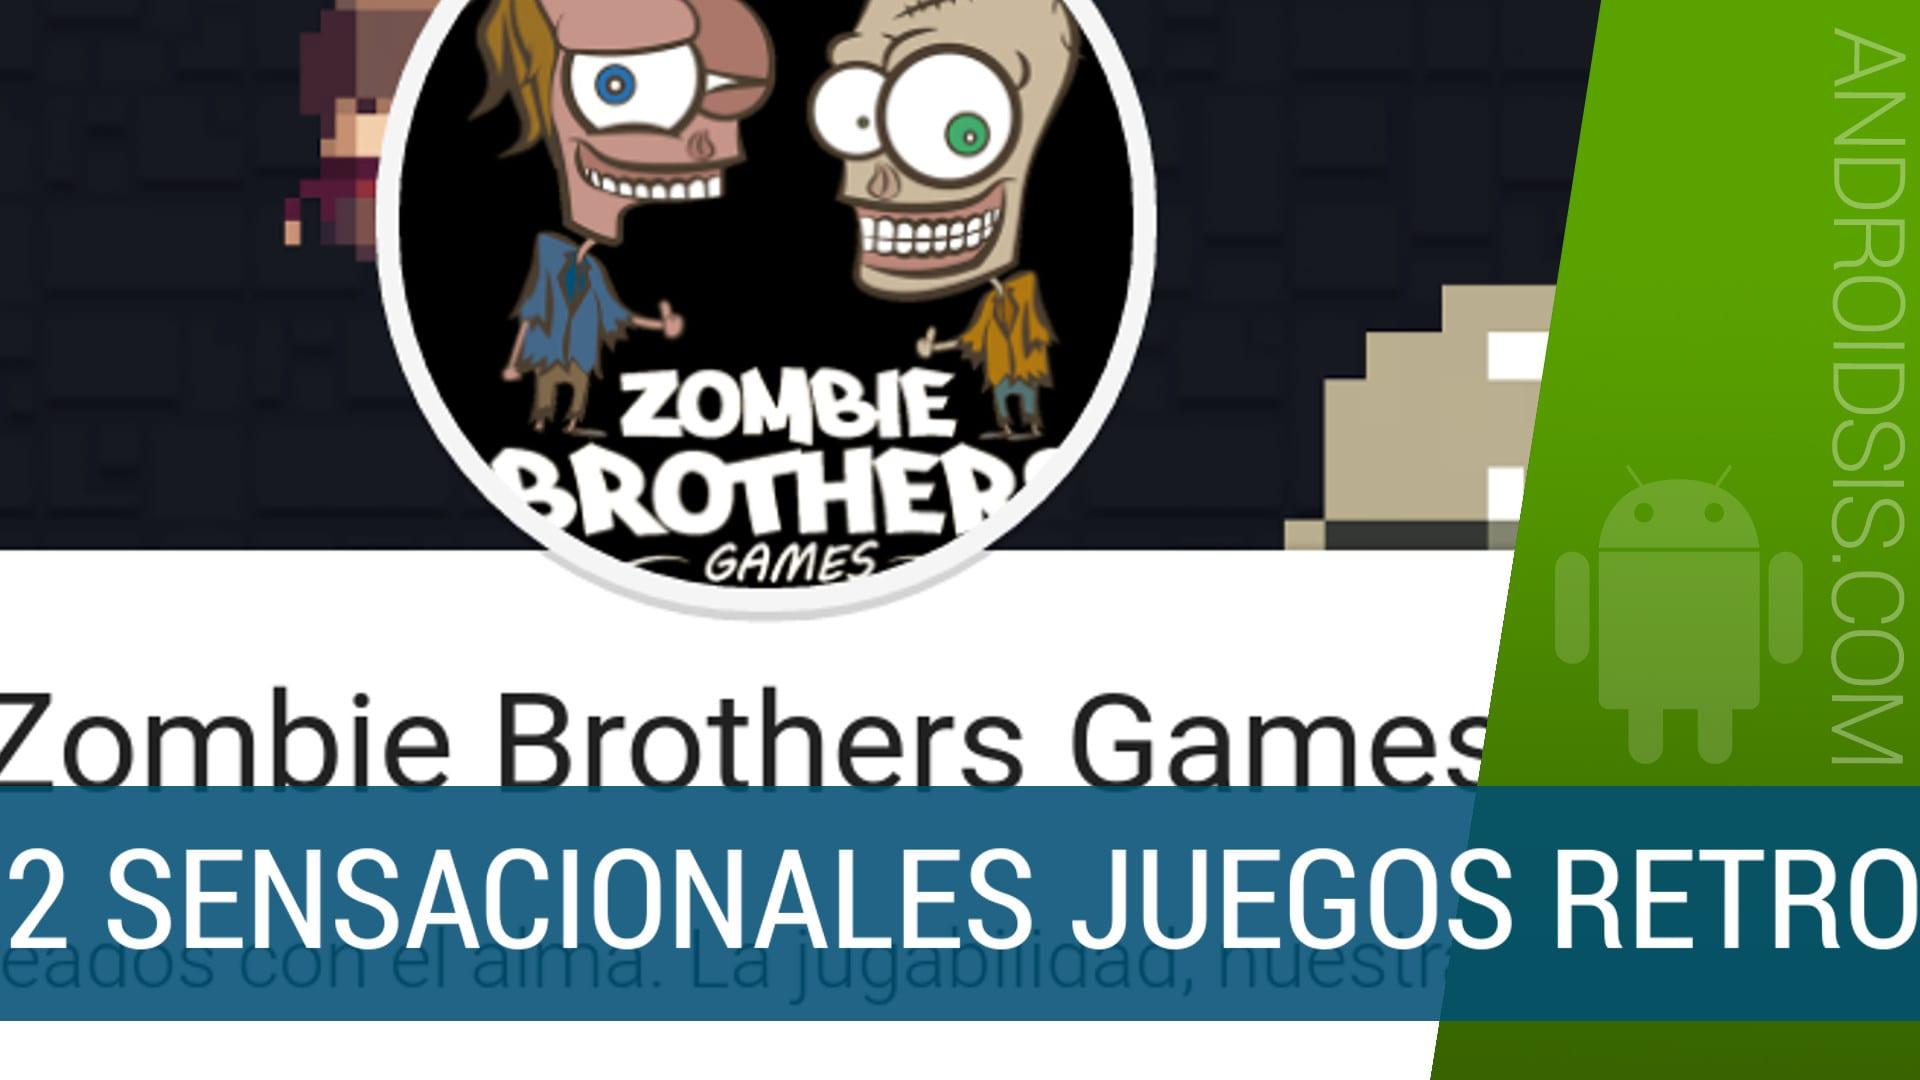 2 sensacionales juegos retro de desarrolladores españoles